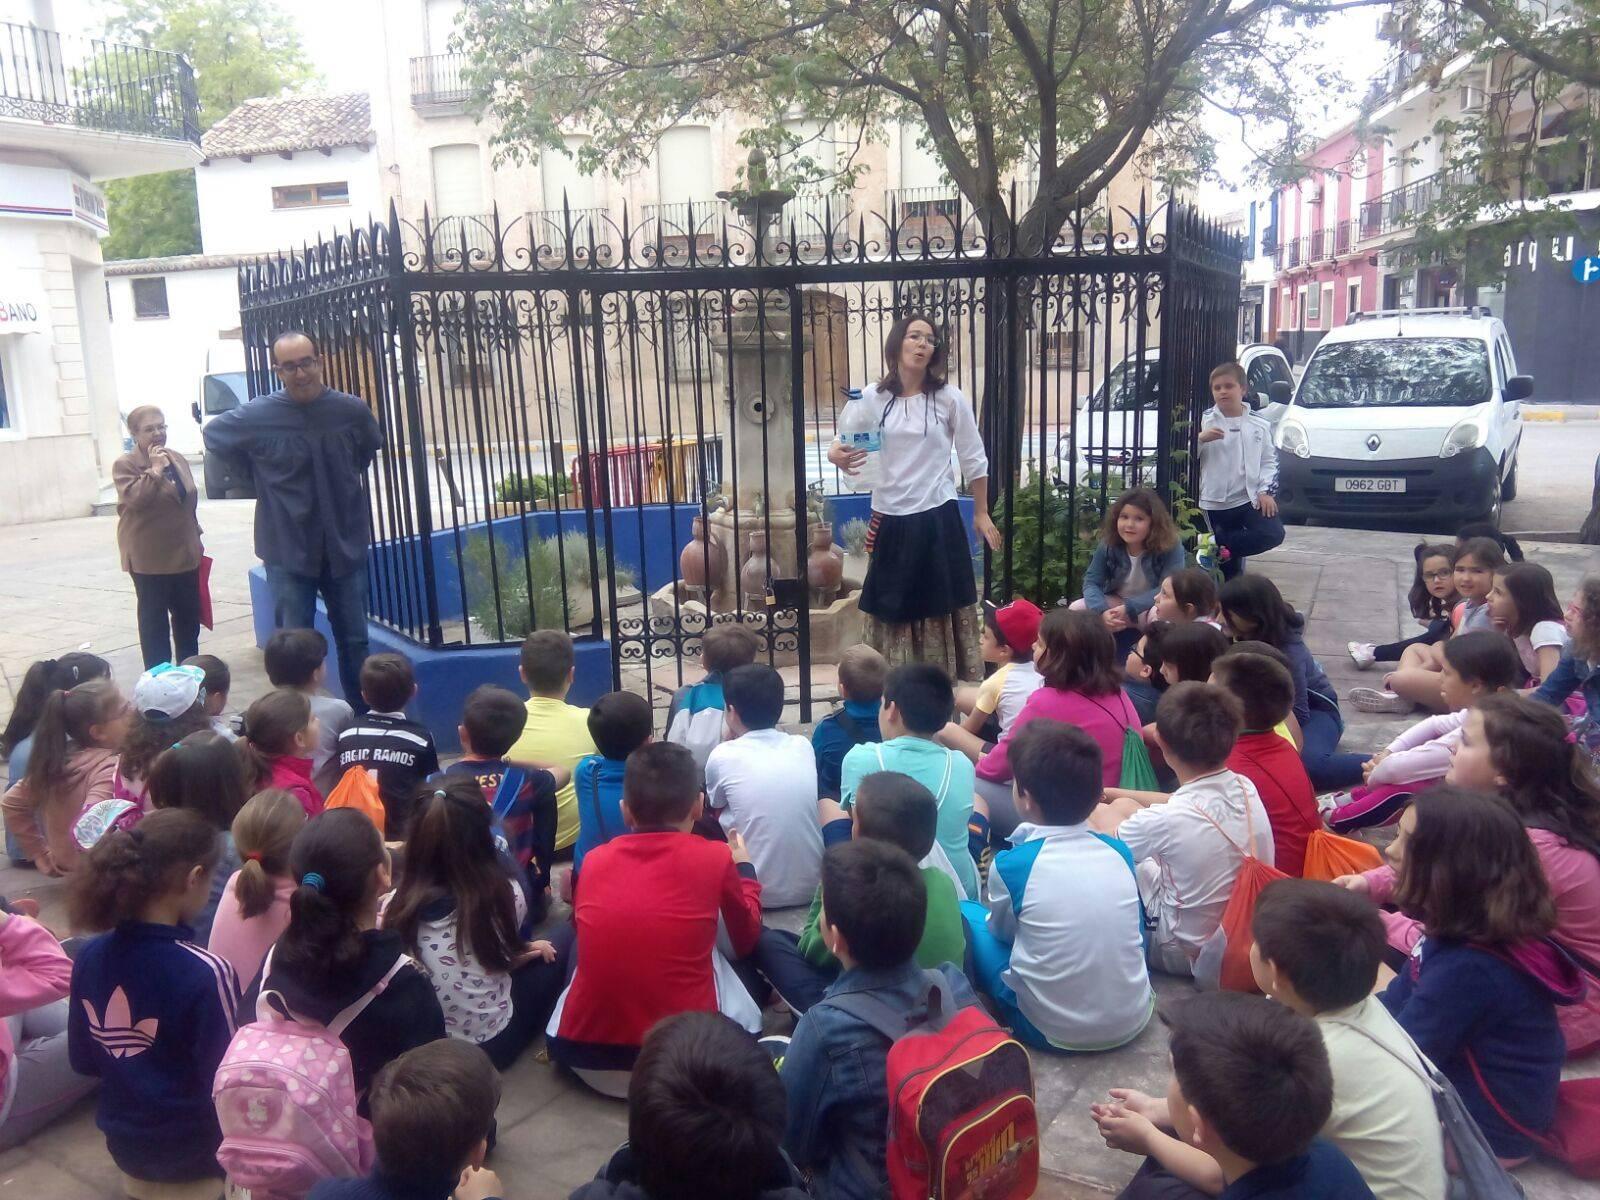 Visita teatralidad a los caños del agua de Herencia durante la semana cultural CEIP Carrasco Alcalde de Herencia6